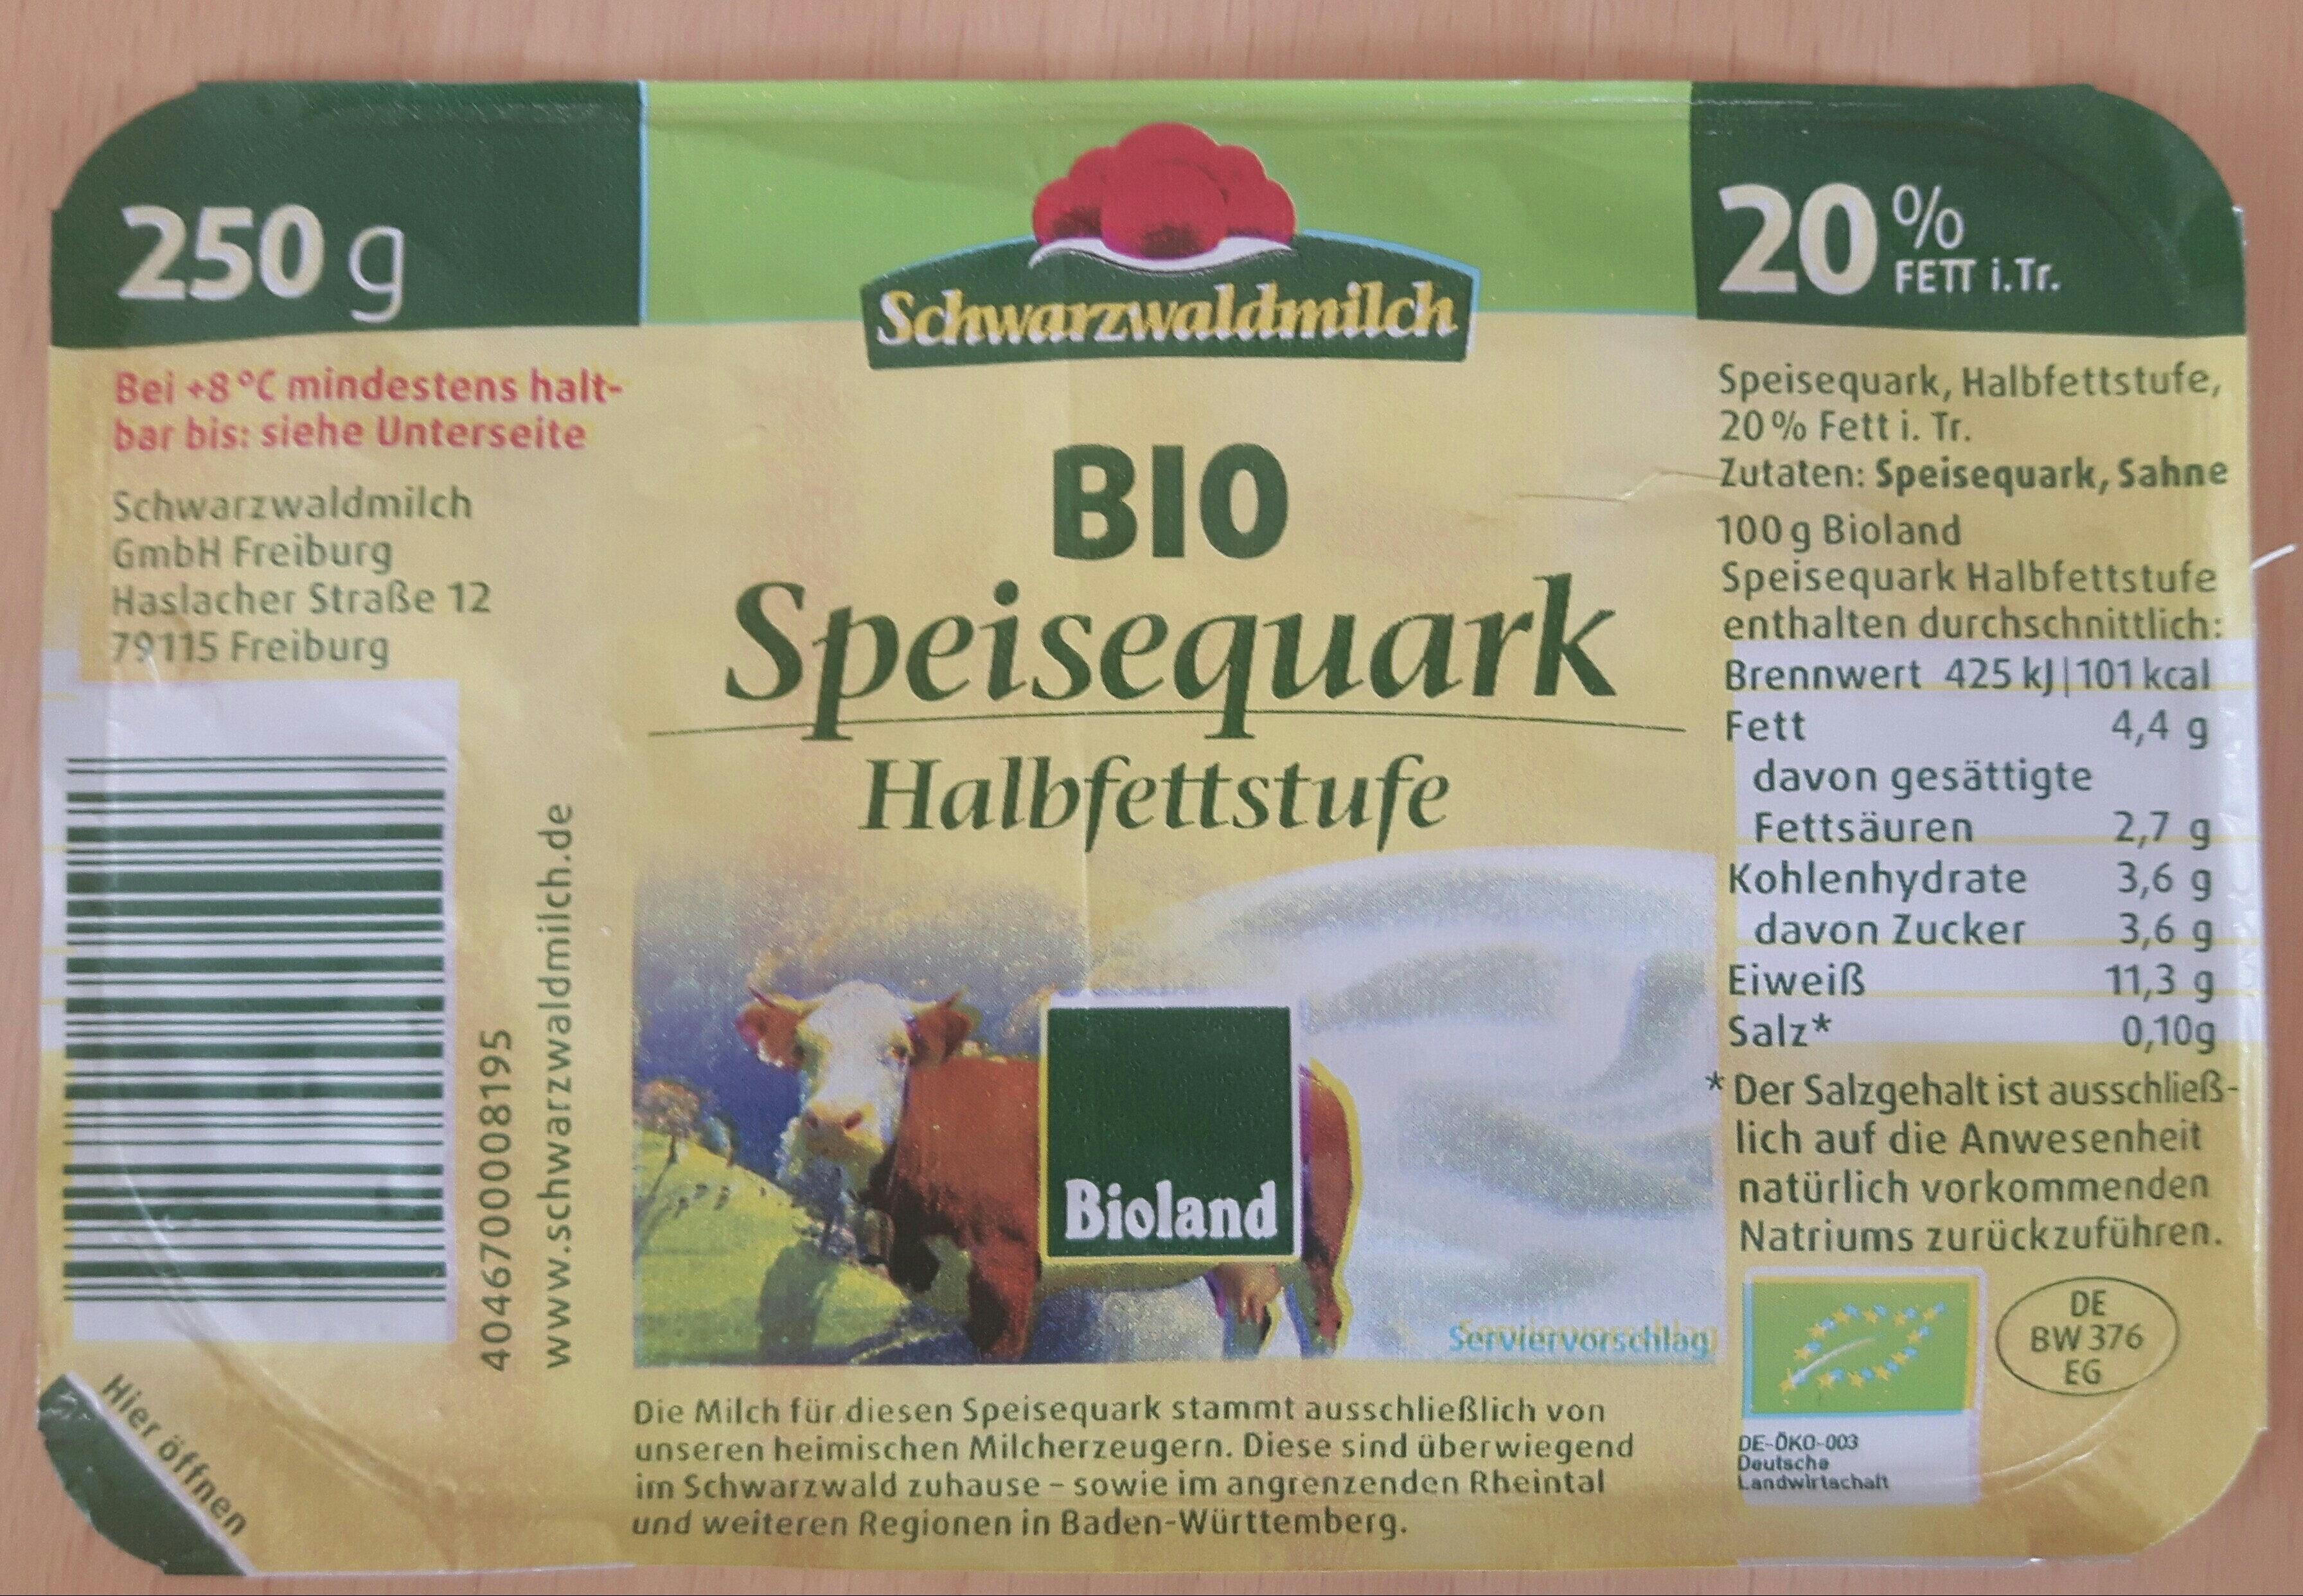 Bio Speisequark Halbfettstufe - Product - de